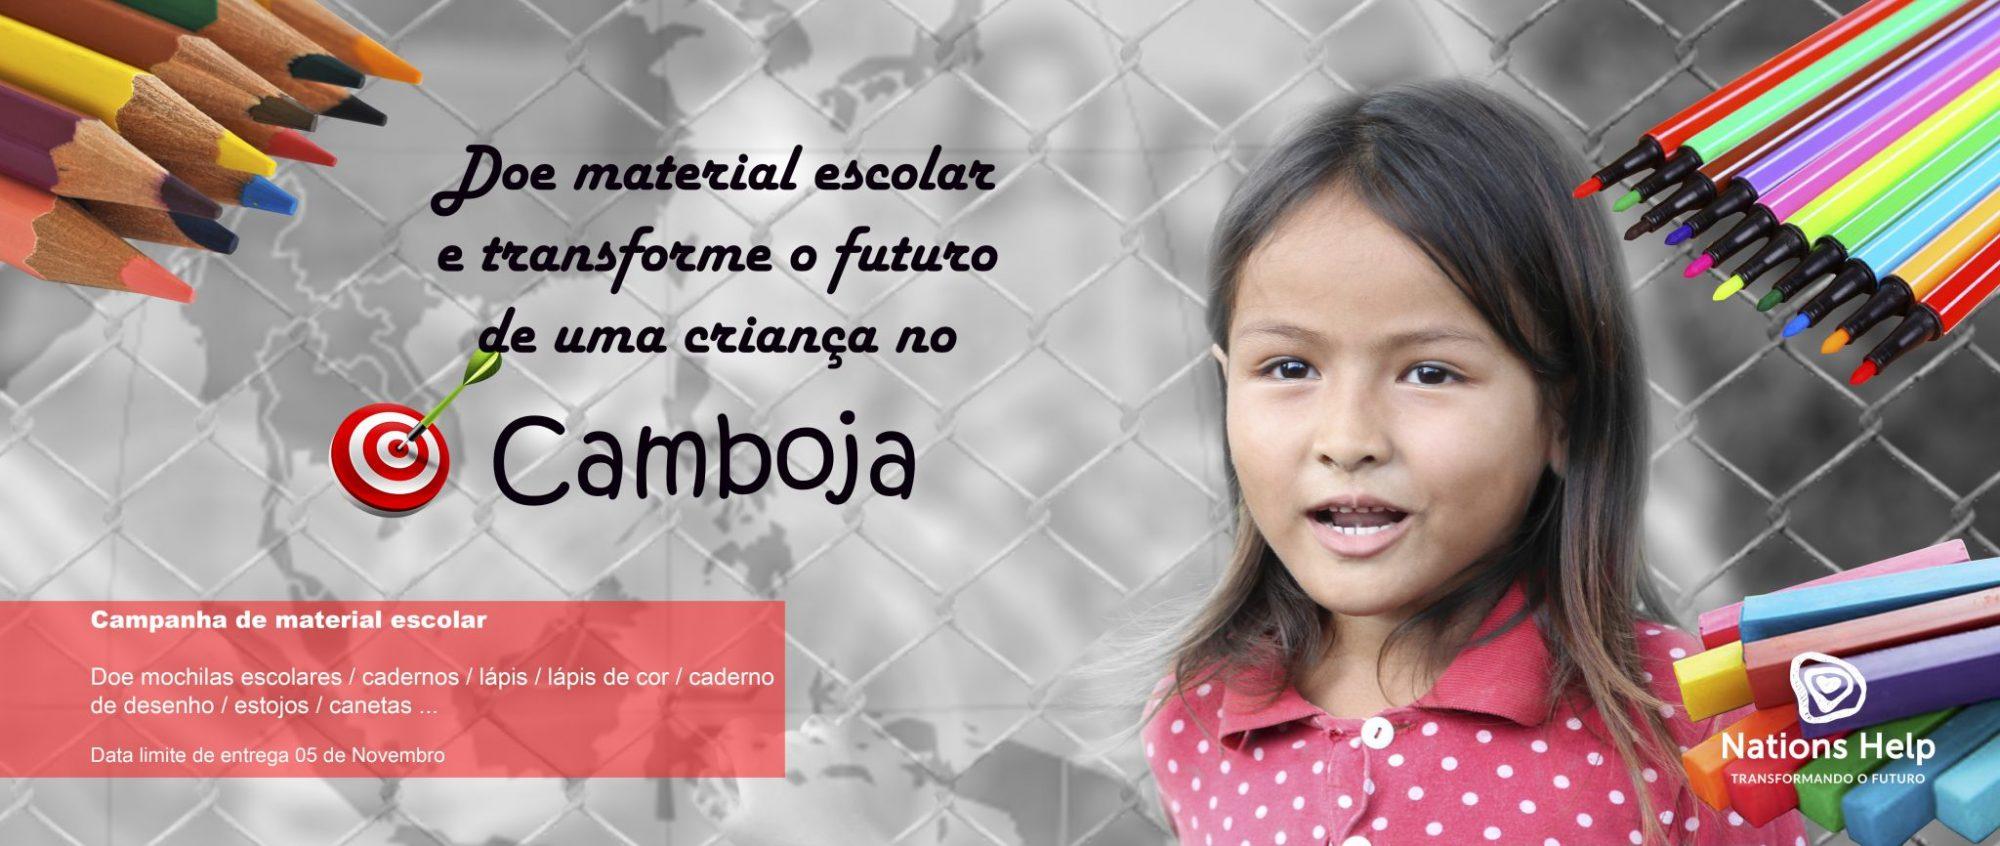 Arte-Camboja-Material-Escolar-Slide-Site